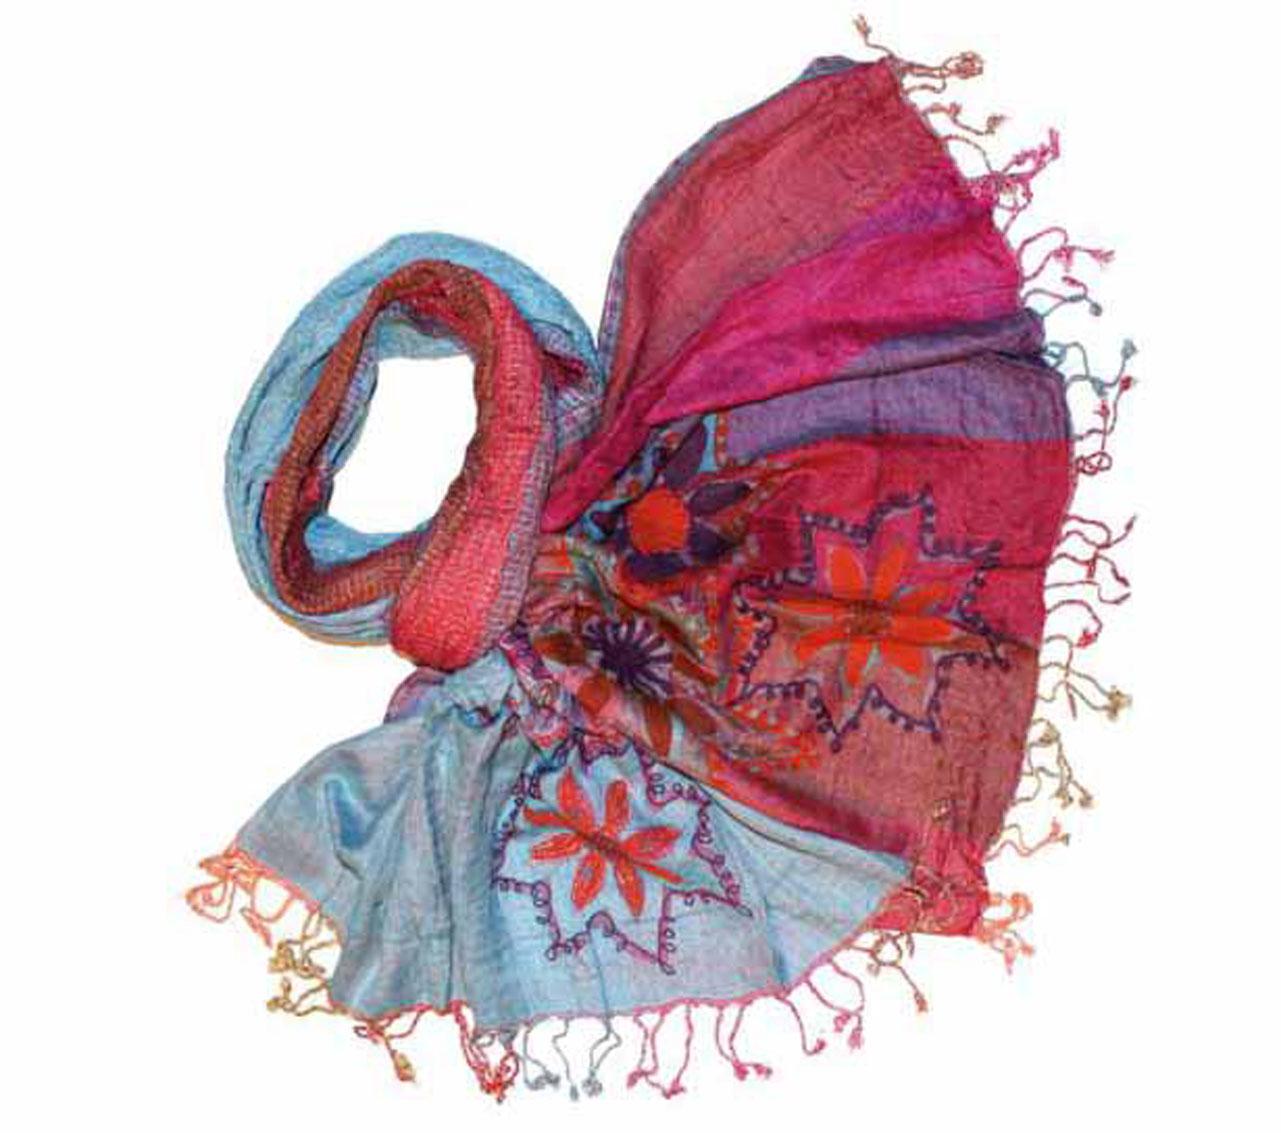 Палантин жен. 902200902200Изготавливается из натурального сырья с использованием натуральных красителей